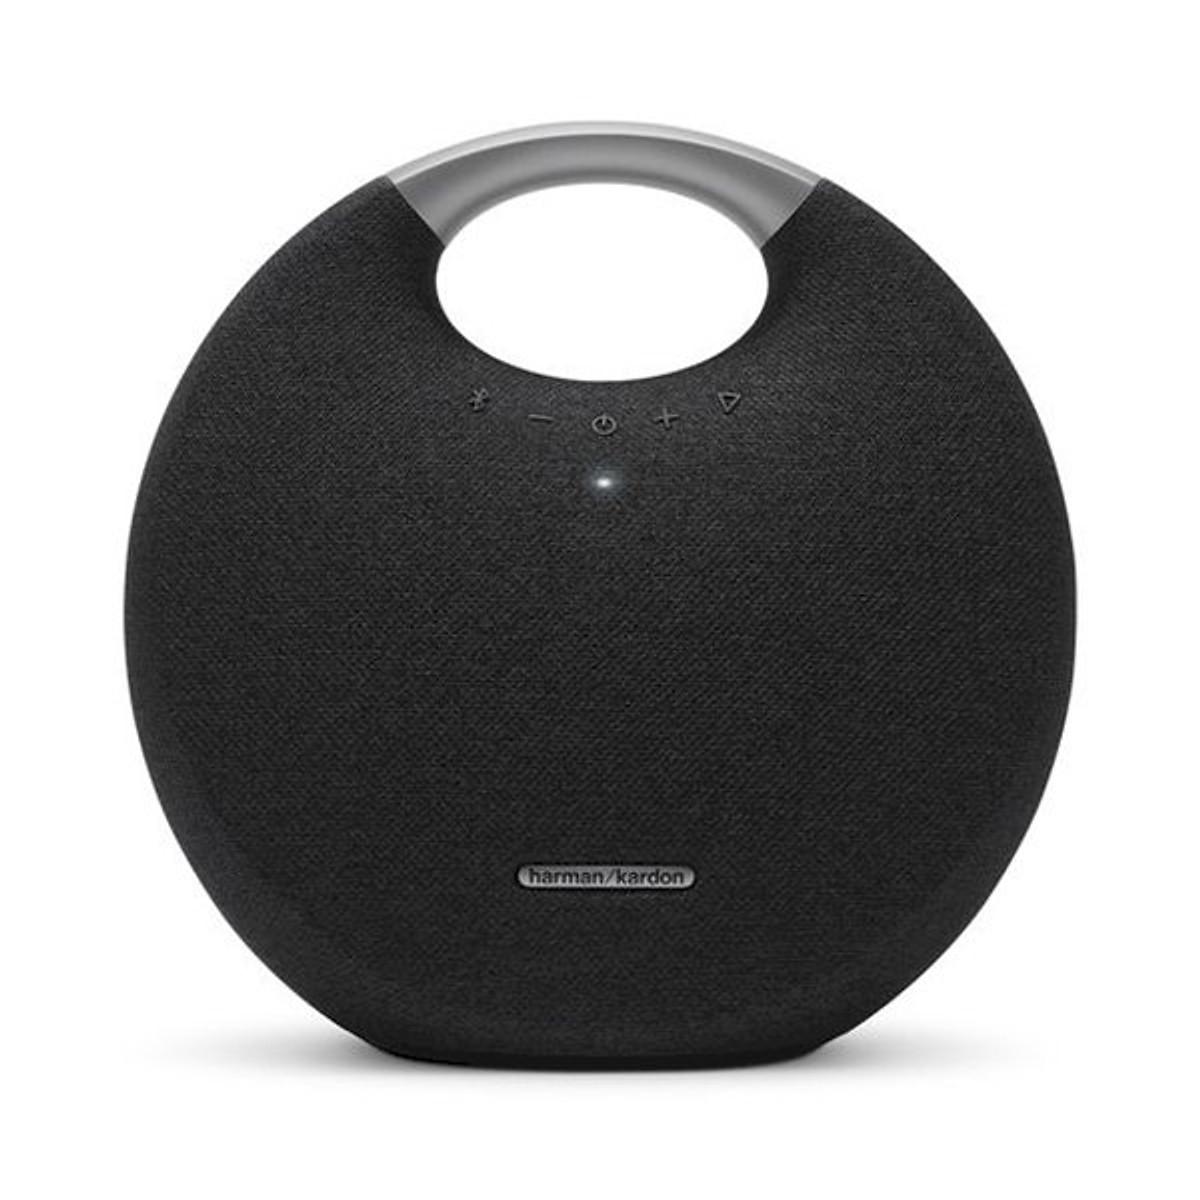 Loa Bluetooth Harman Kardon Onyx Studio 6 - Hàng Chính Hãng